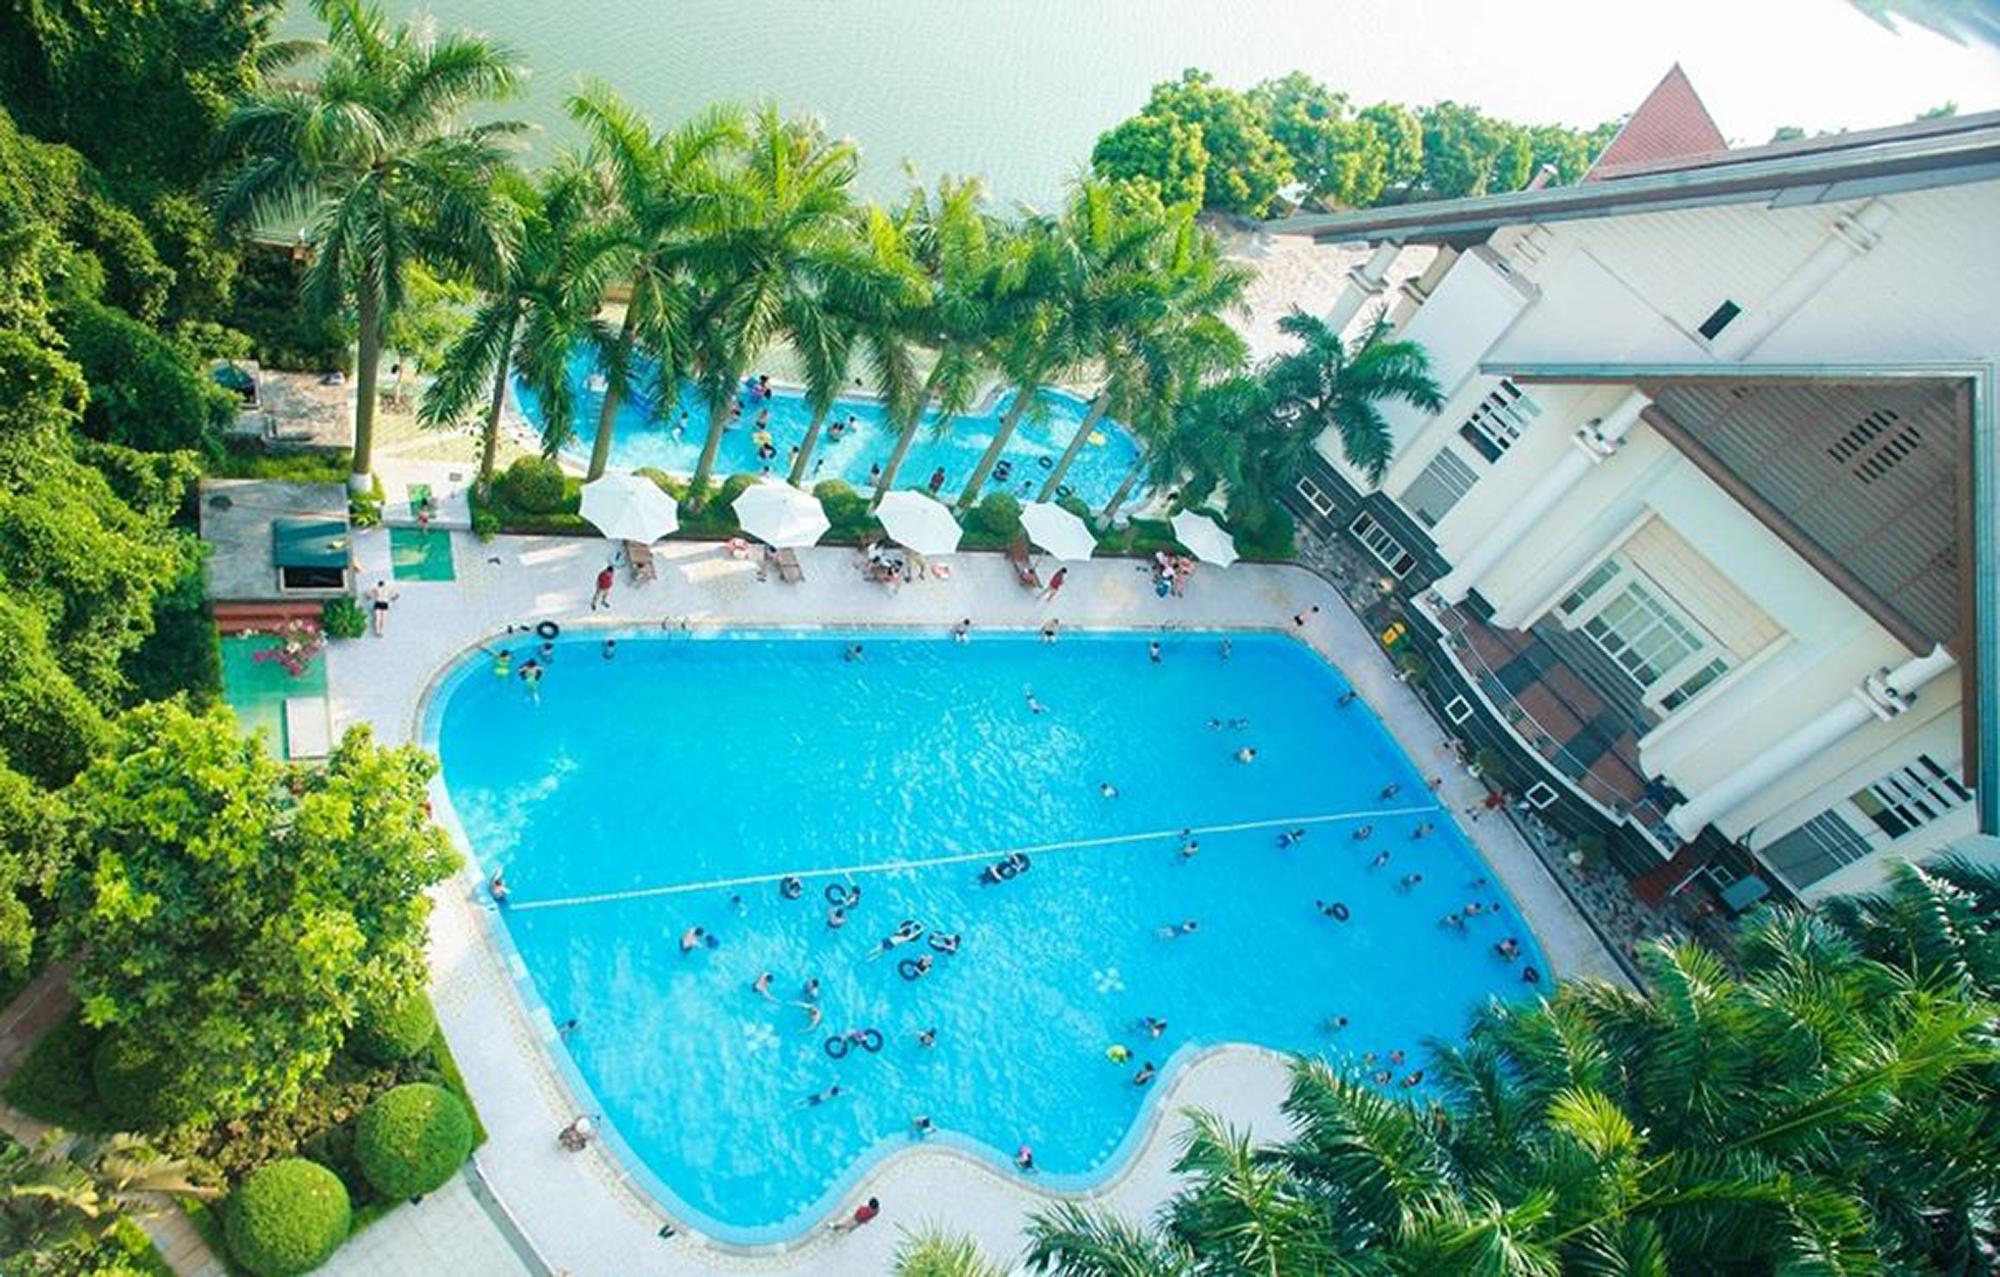 Kinh nghiệm đi Sông Hồng Resort cho ngày cuối tuần từ A đến Z